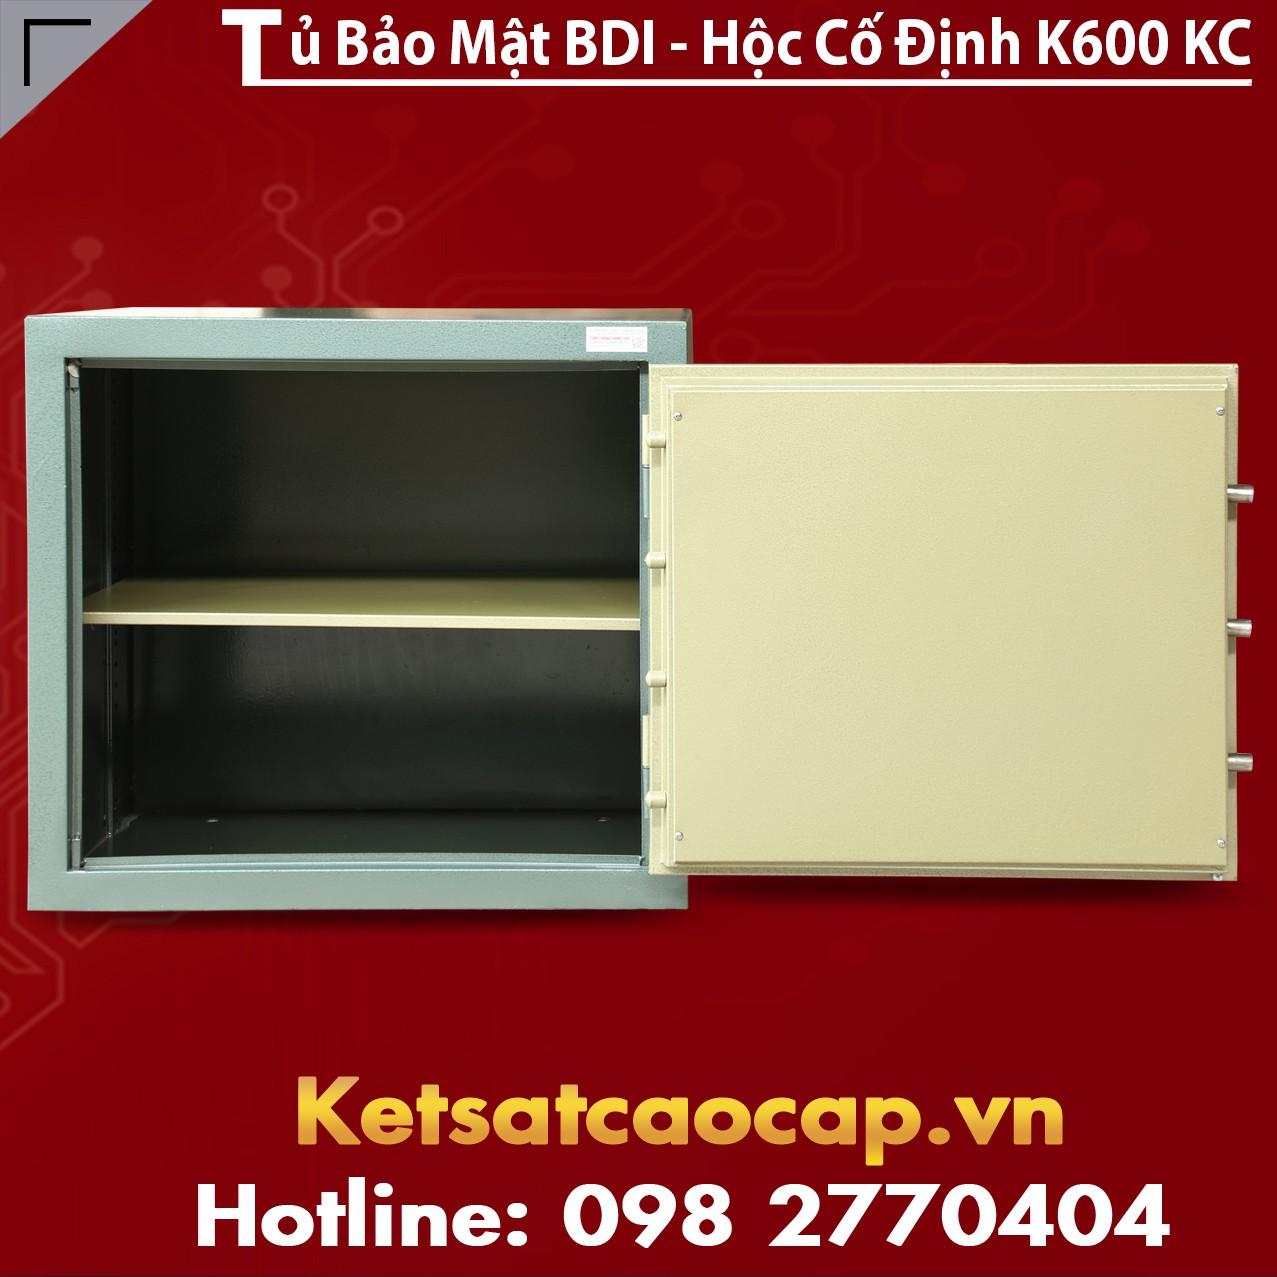 Tủ Bảo Mật Ngân Hàng Steel Security Cabinet BDI NH0 - KC